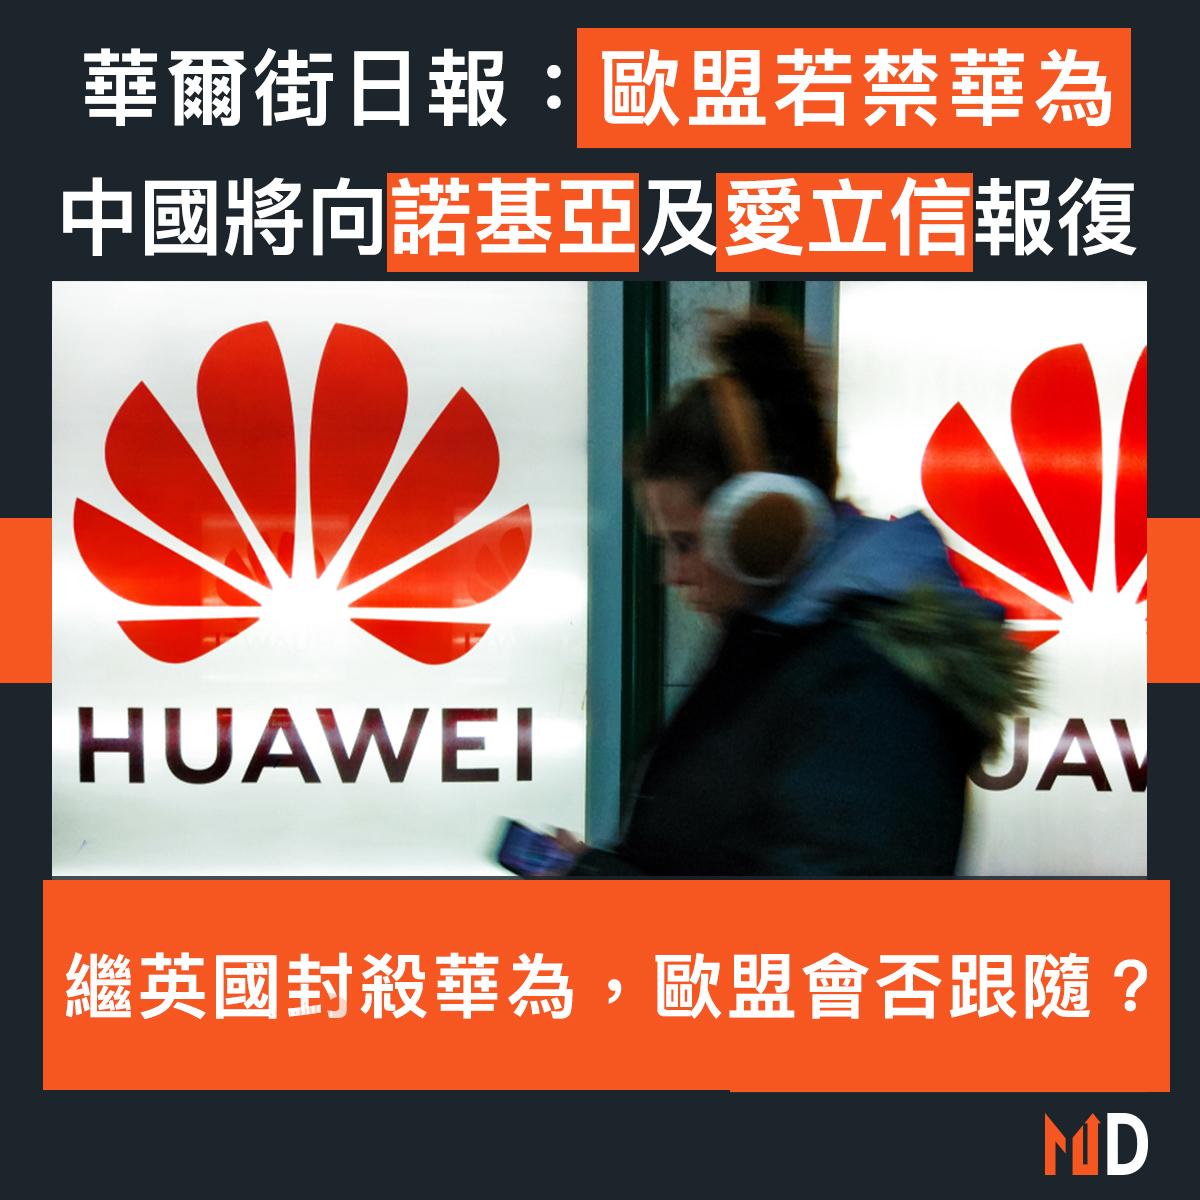 華爾街日報:歐盟若禁華為,中國將向諾基亞及愛立信報復